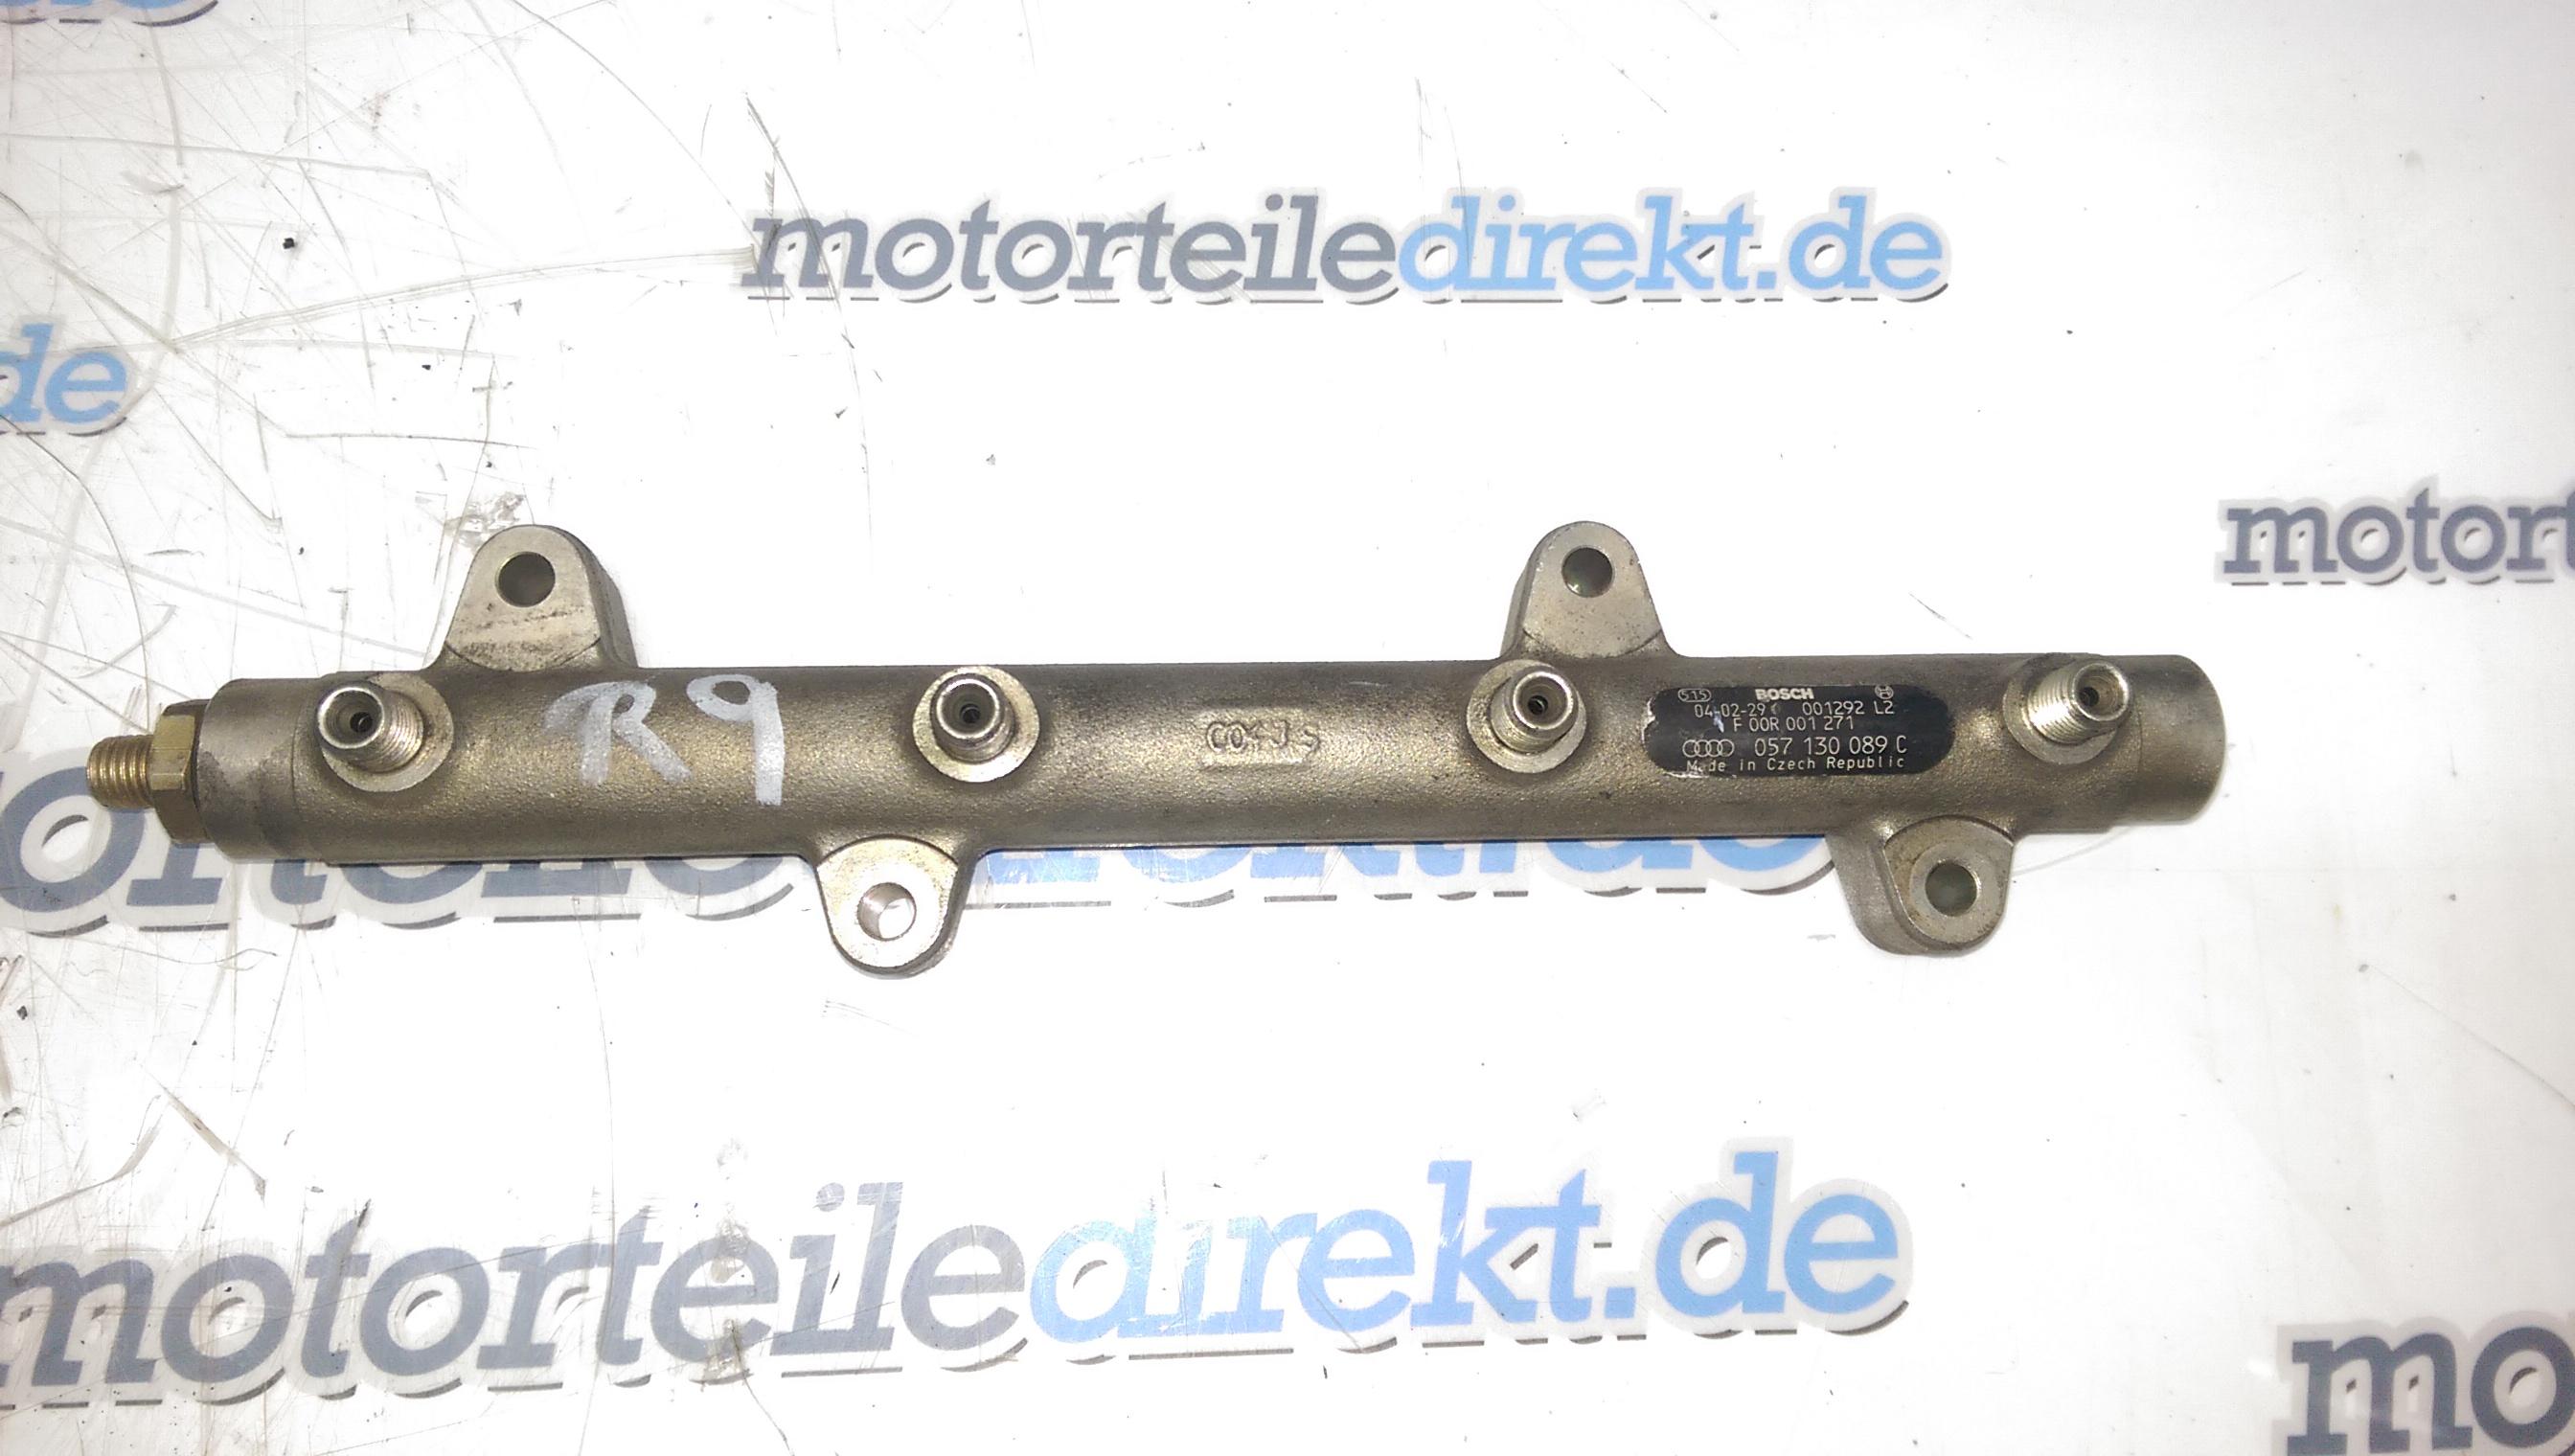 Tubo rail Rail iniettori Audi A8 4E 4,0 TDI Quattro 057130089C ASE 275 CV